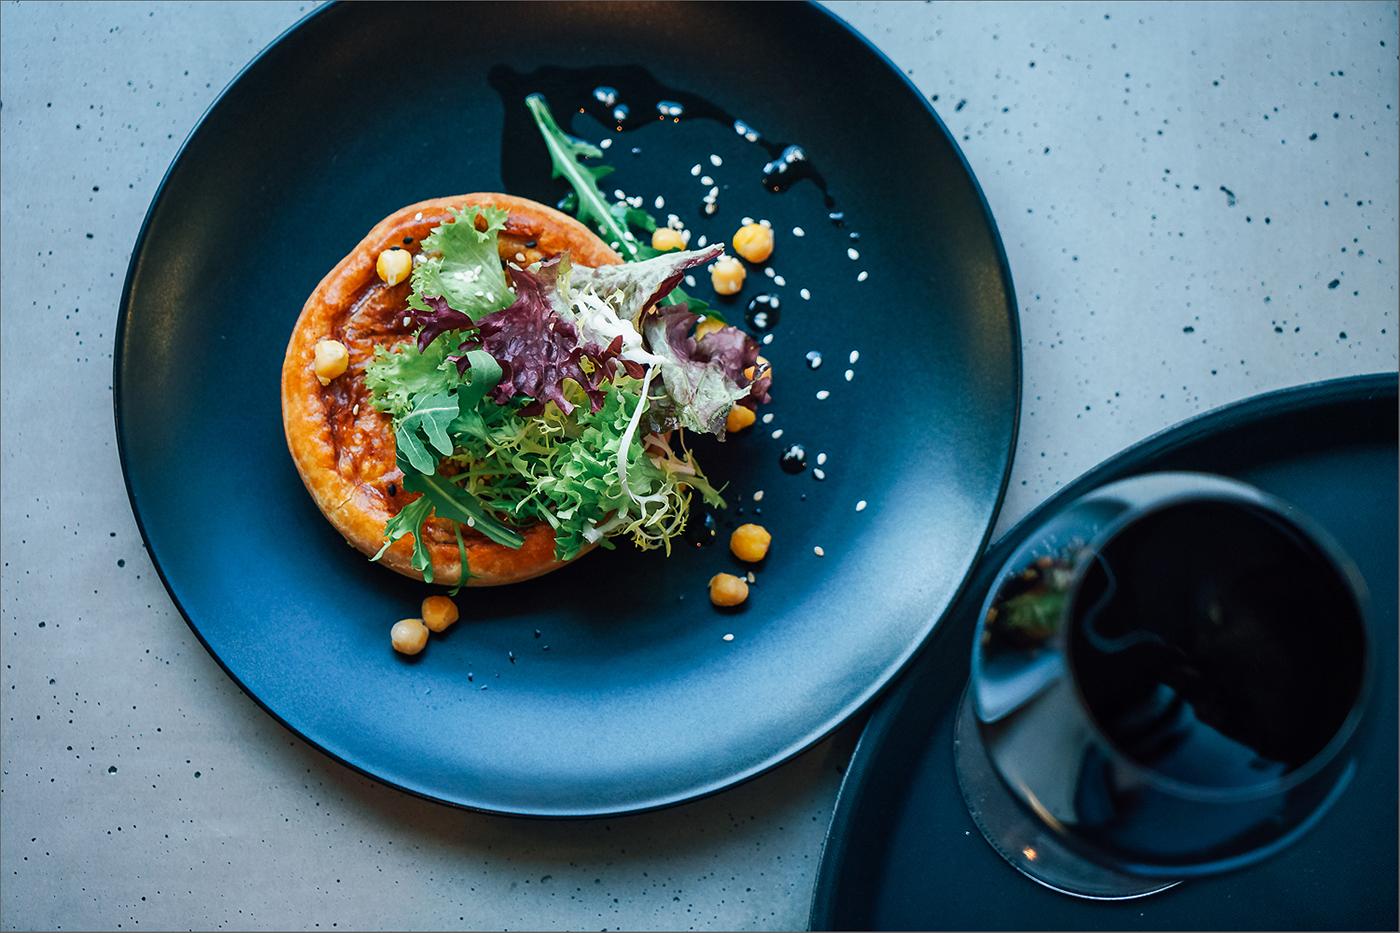 Красивая еда для заведения Альтруист / фото Евгения Драч